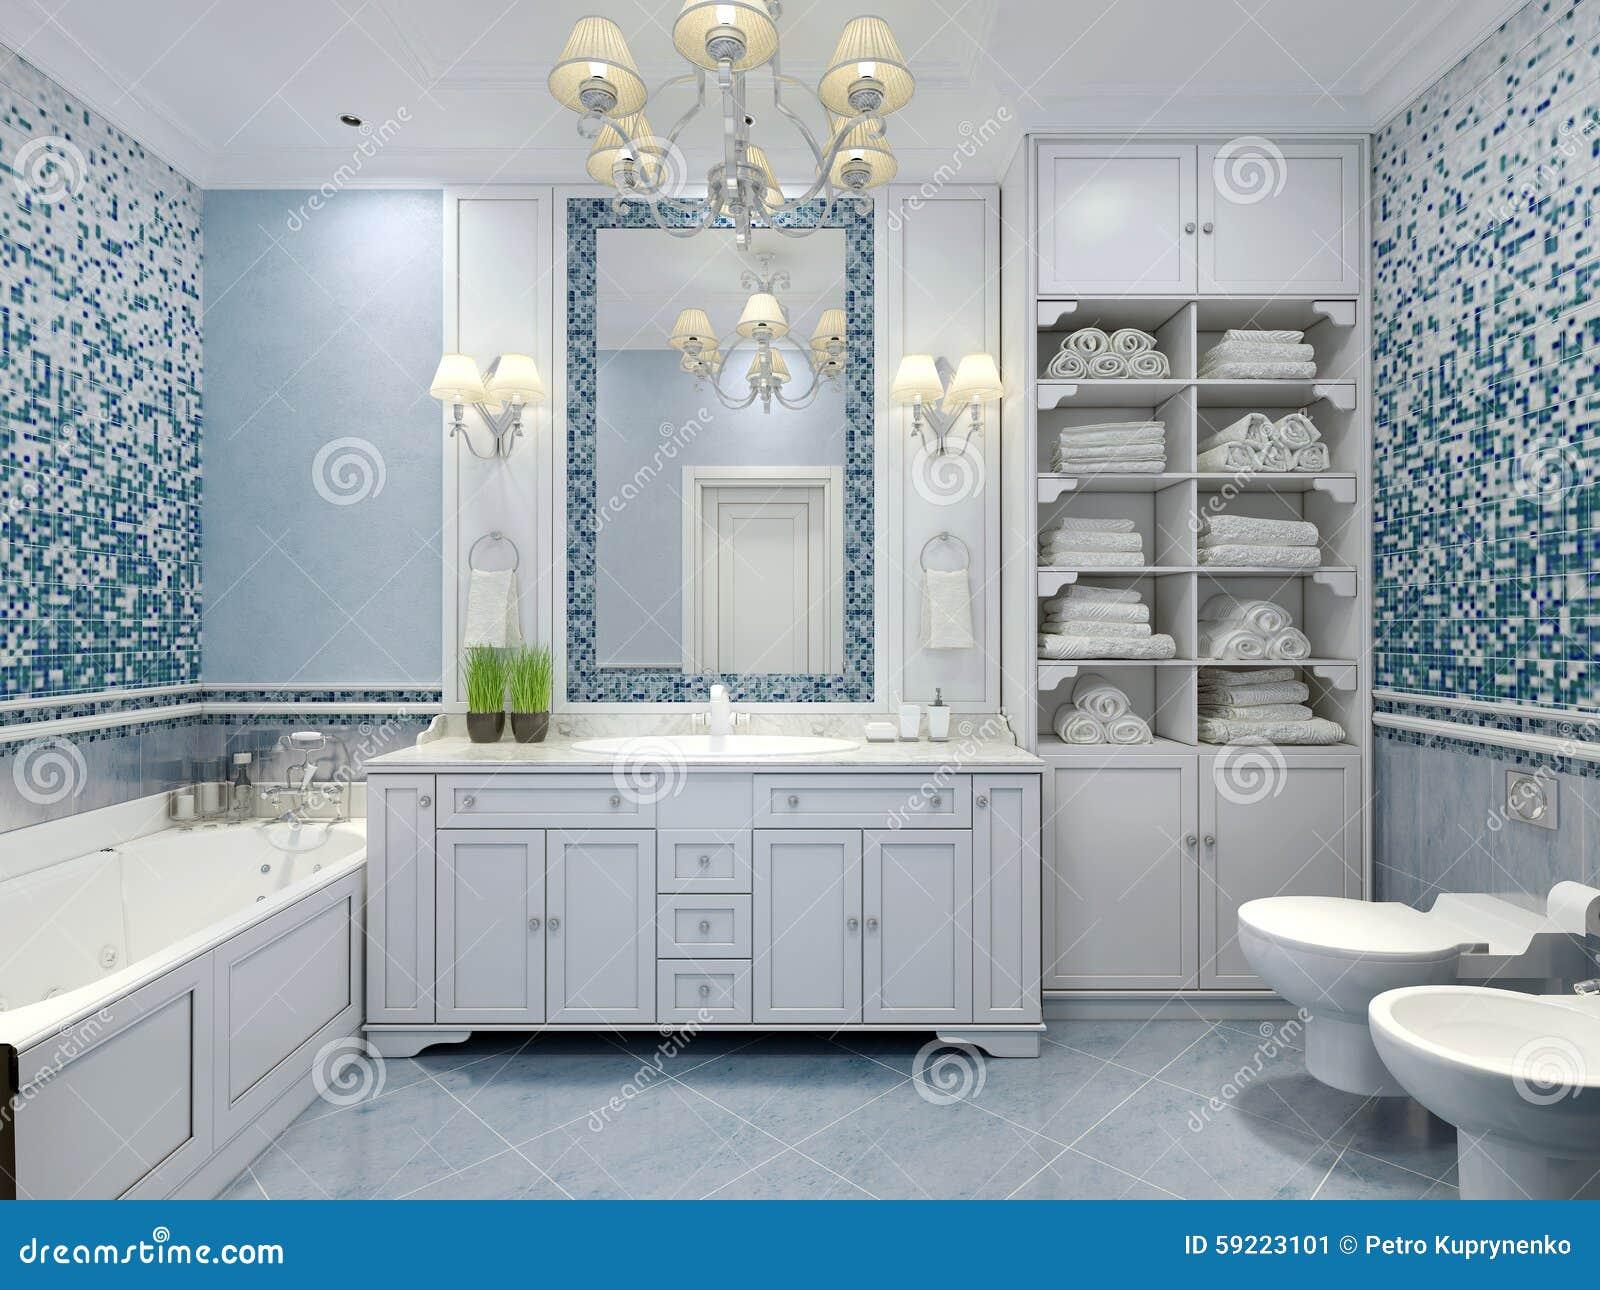 Muebles En Cuarto De Baño Azul Clásico Imagen de archivo - Imagen de ...